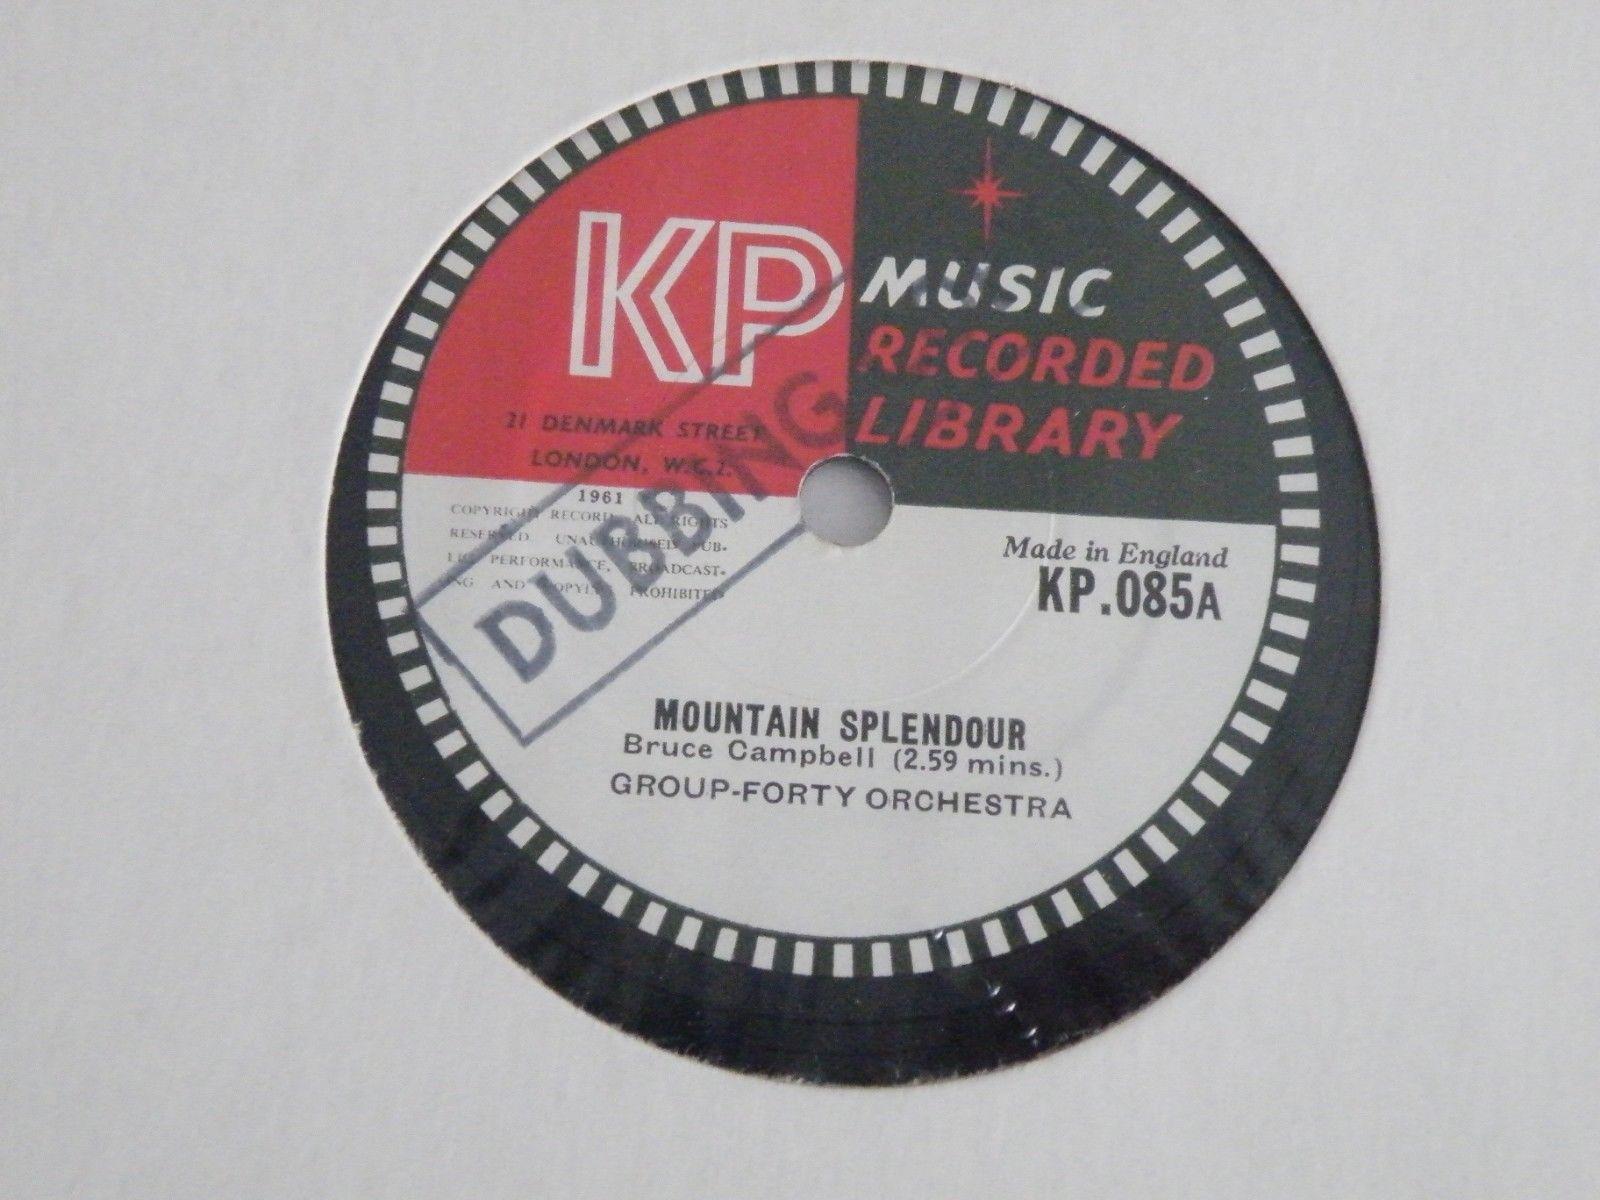 popsike com - KPM LIBRARY MUSIC VINYL 10